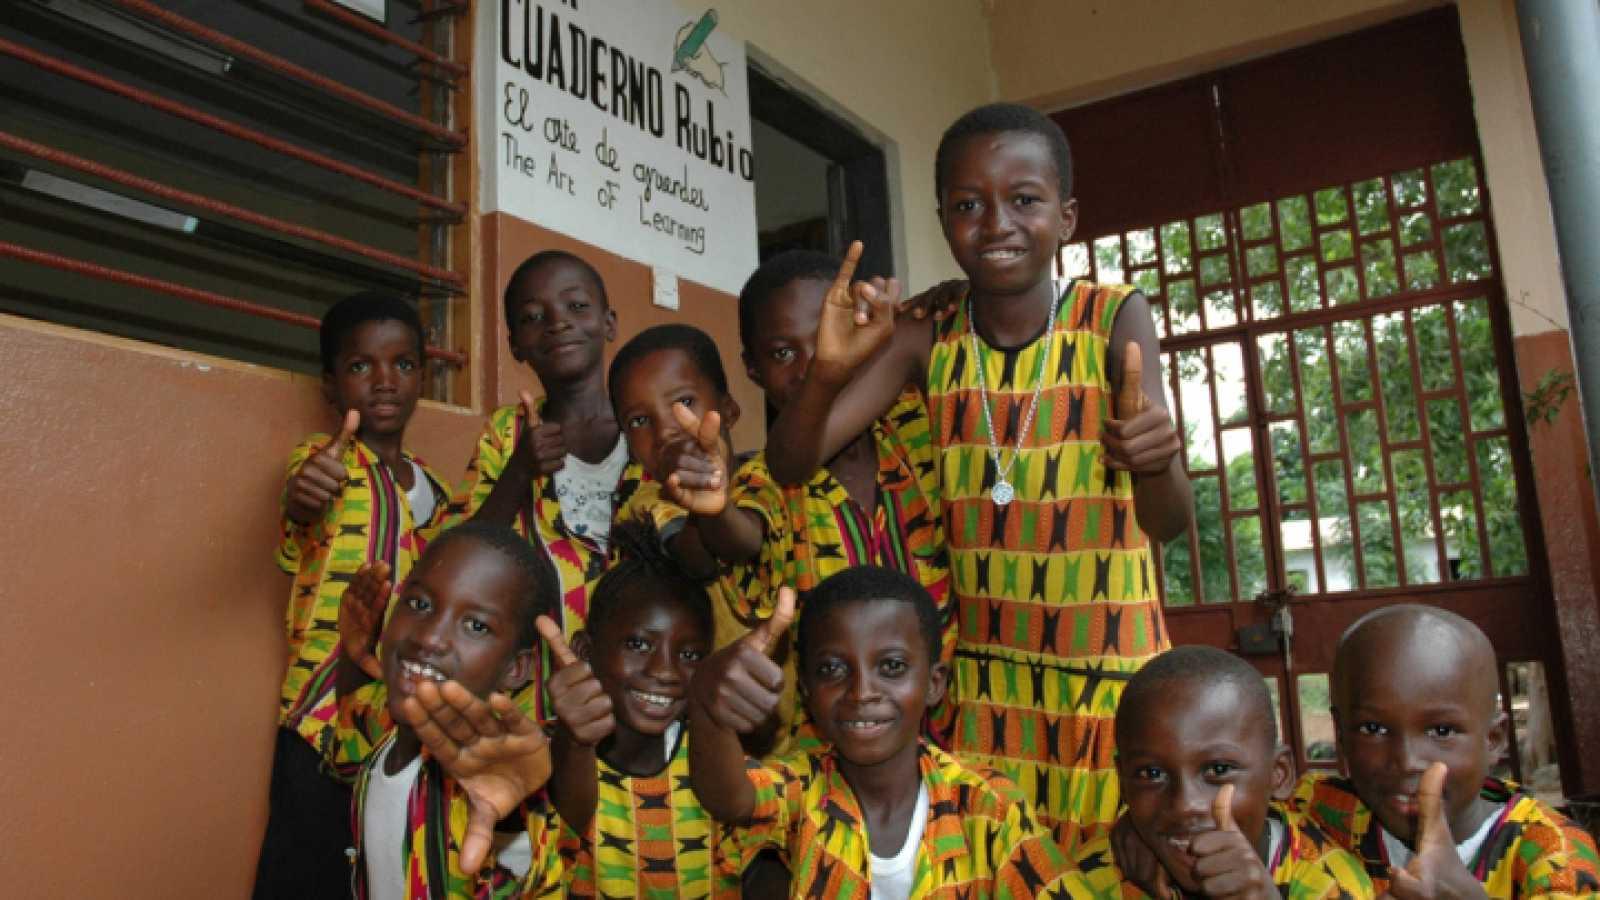 Mundo solidario - Cuadernos Rubio en Sierra Leona - 29/01/17 - escuchar ahora